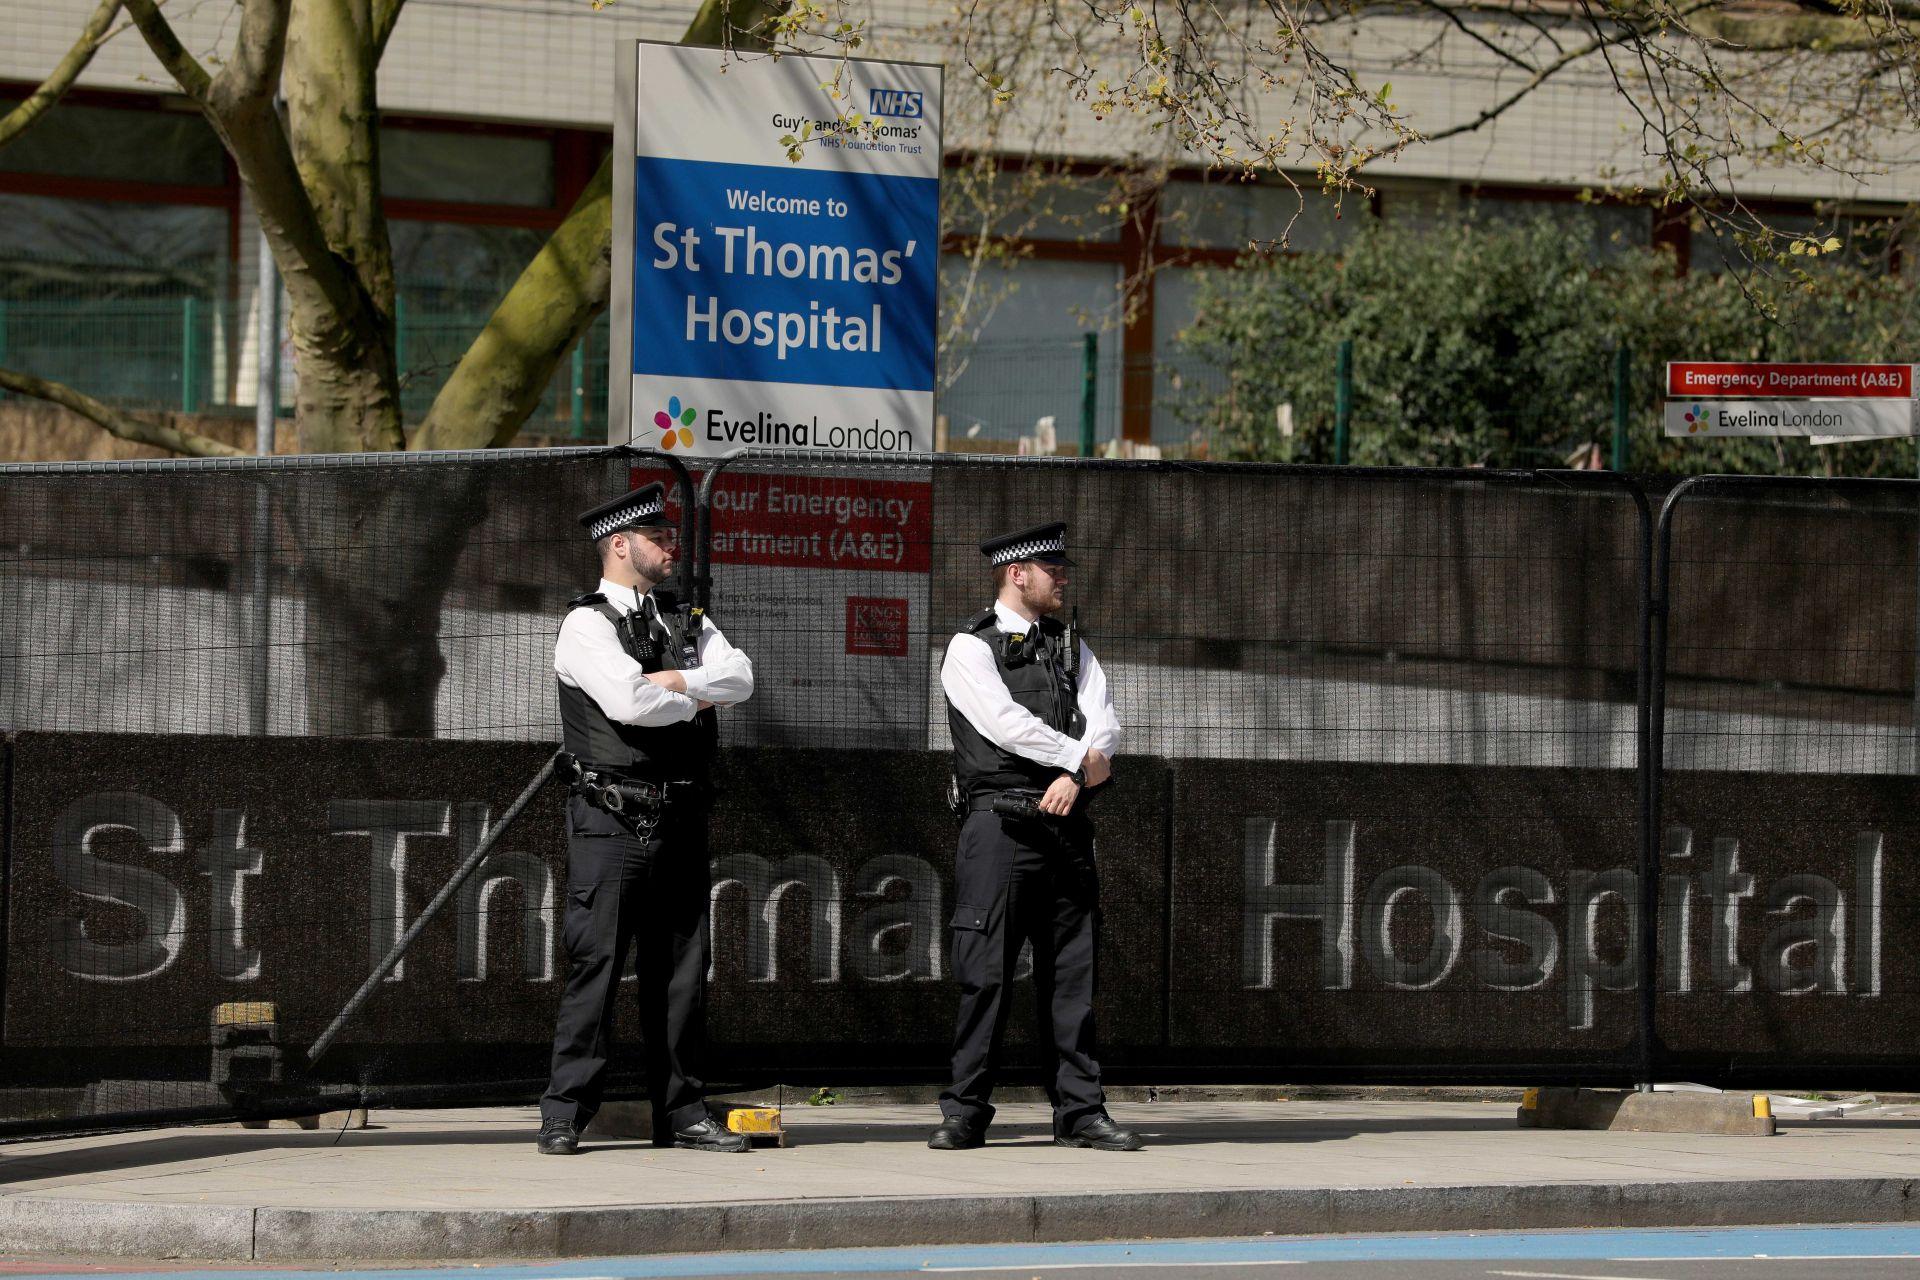 Охрана пред болницата, където лекуват Борис Джонсън